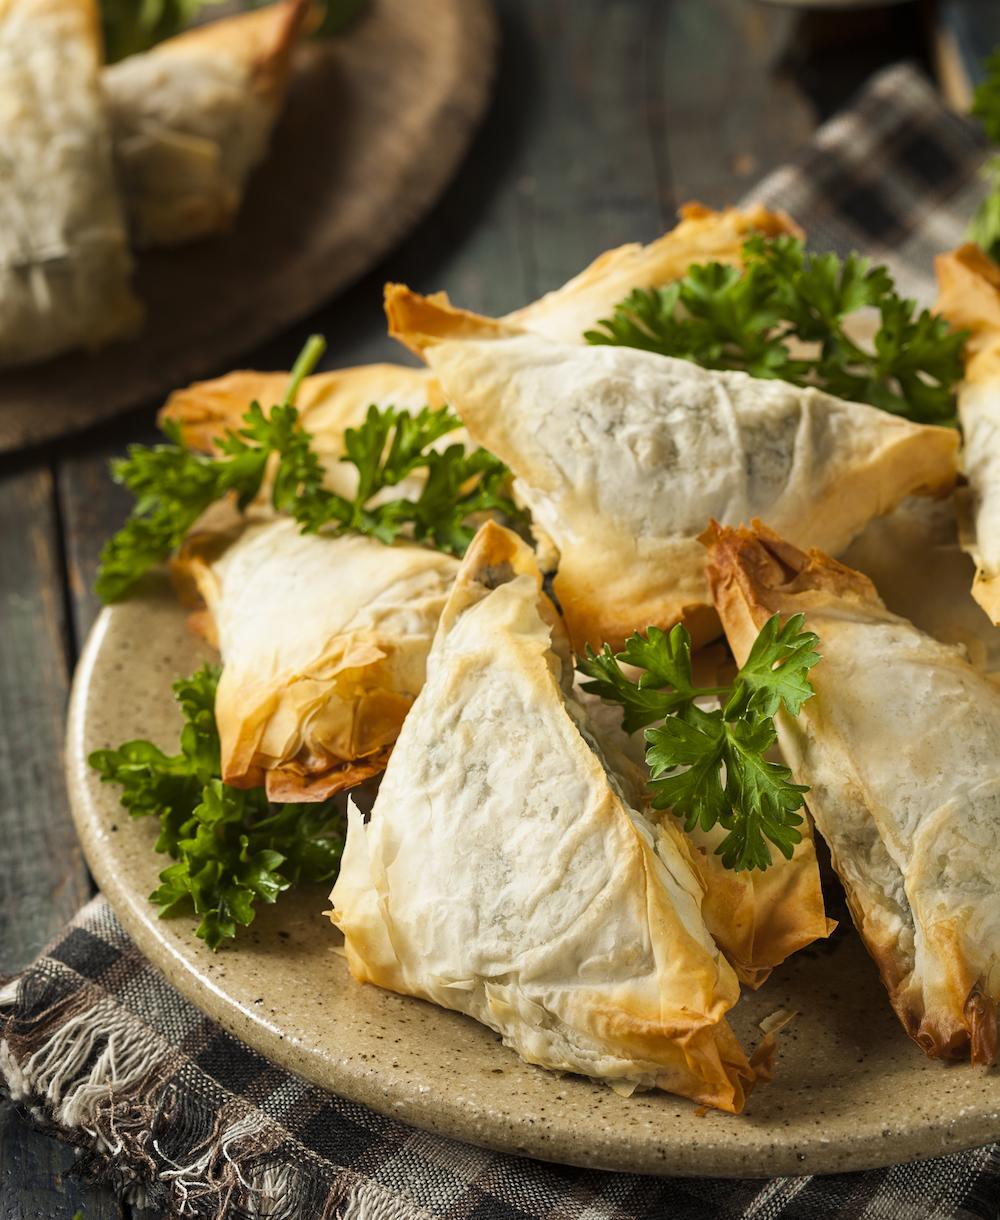 spanakopita_spinach_Feta_cheese_hong_kong.jpg